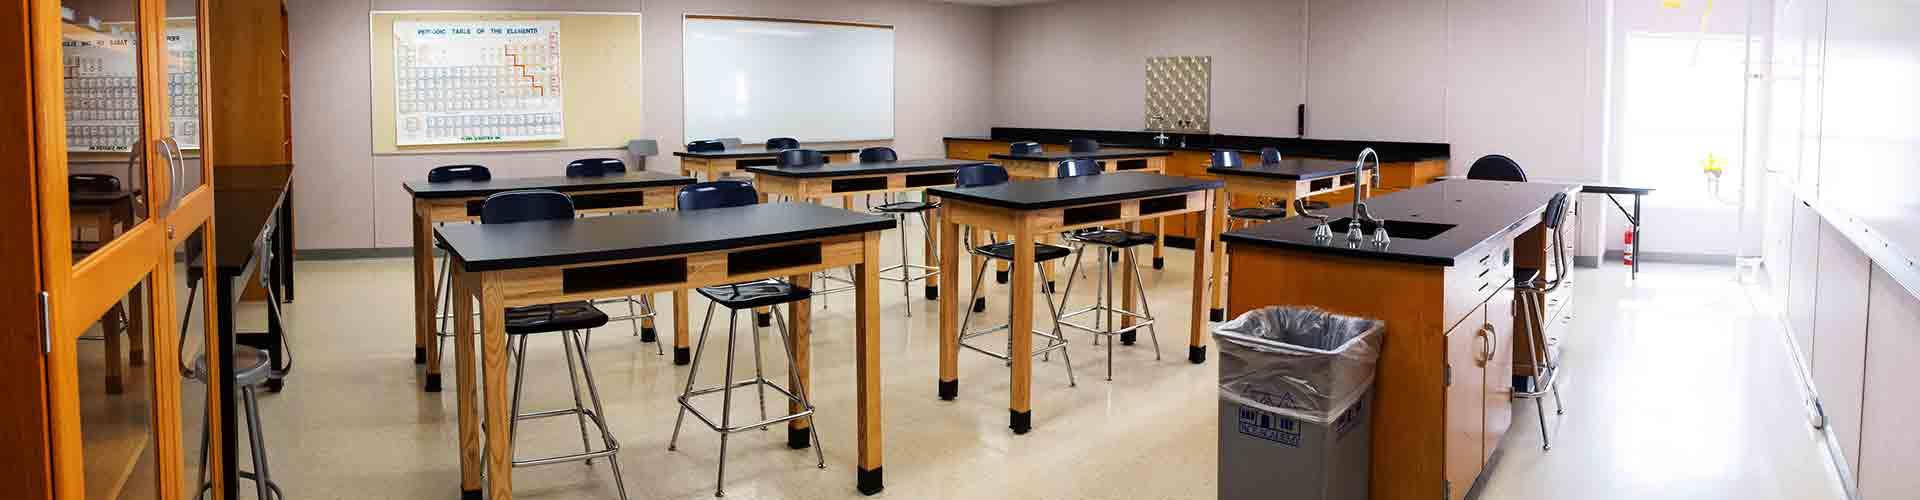 Cho thuê phòng dạy học quận Bình Thạnh theo giờ